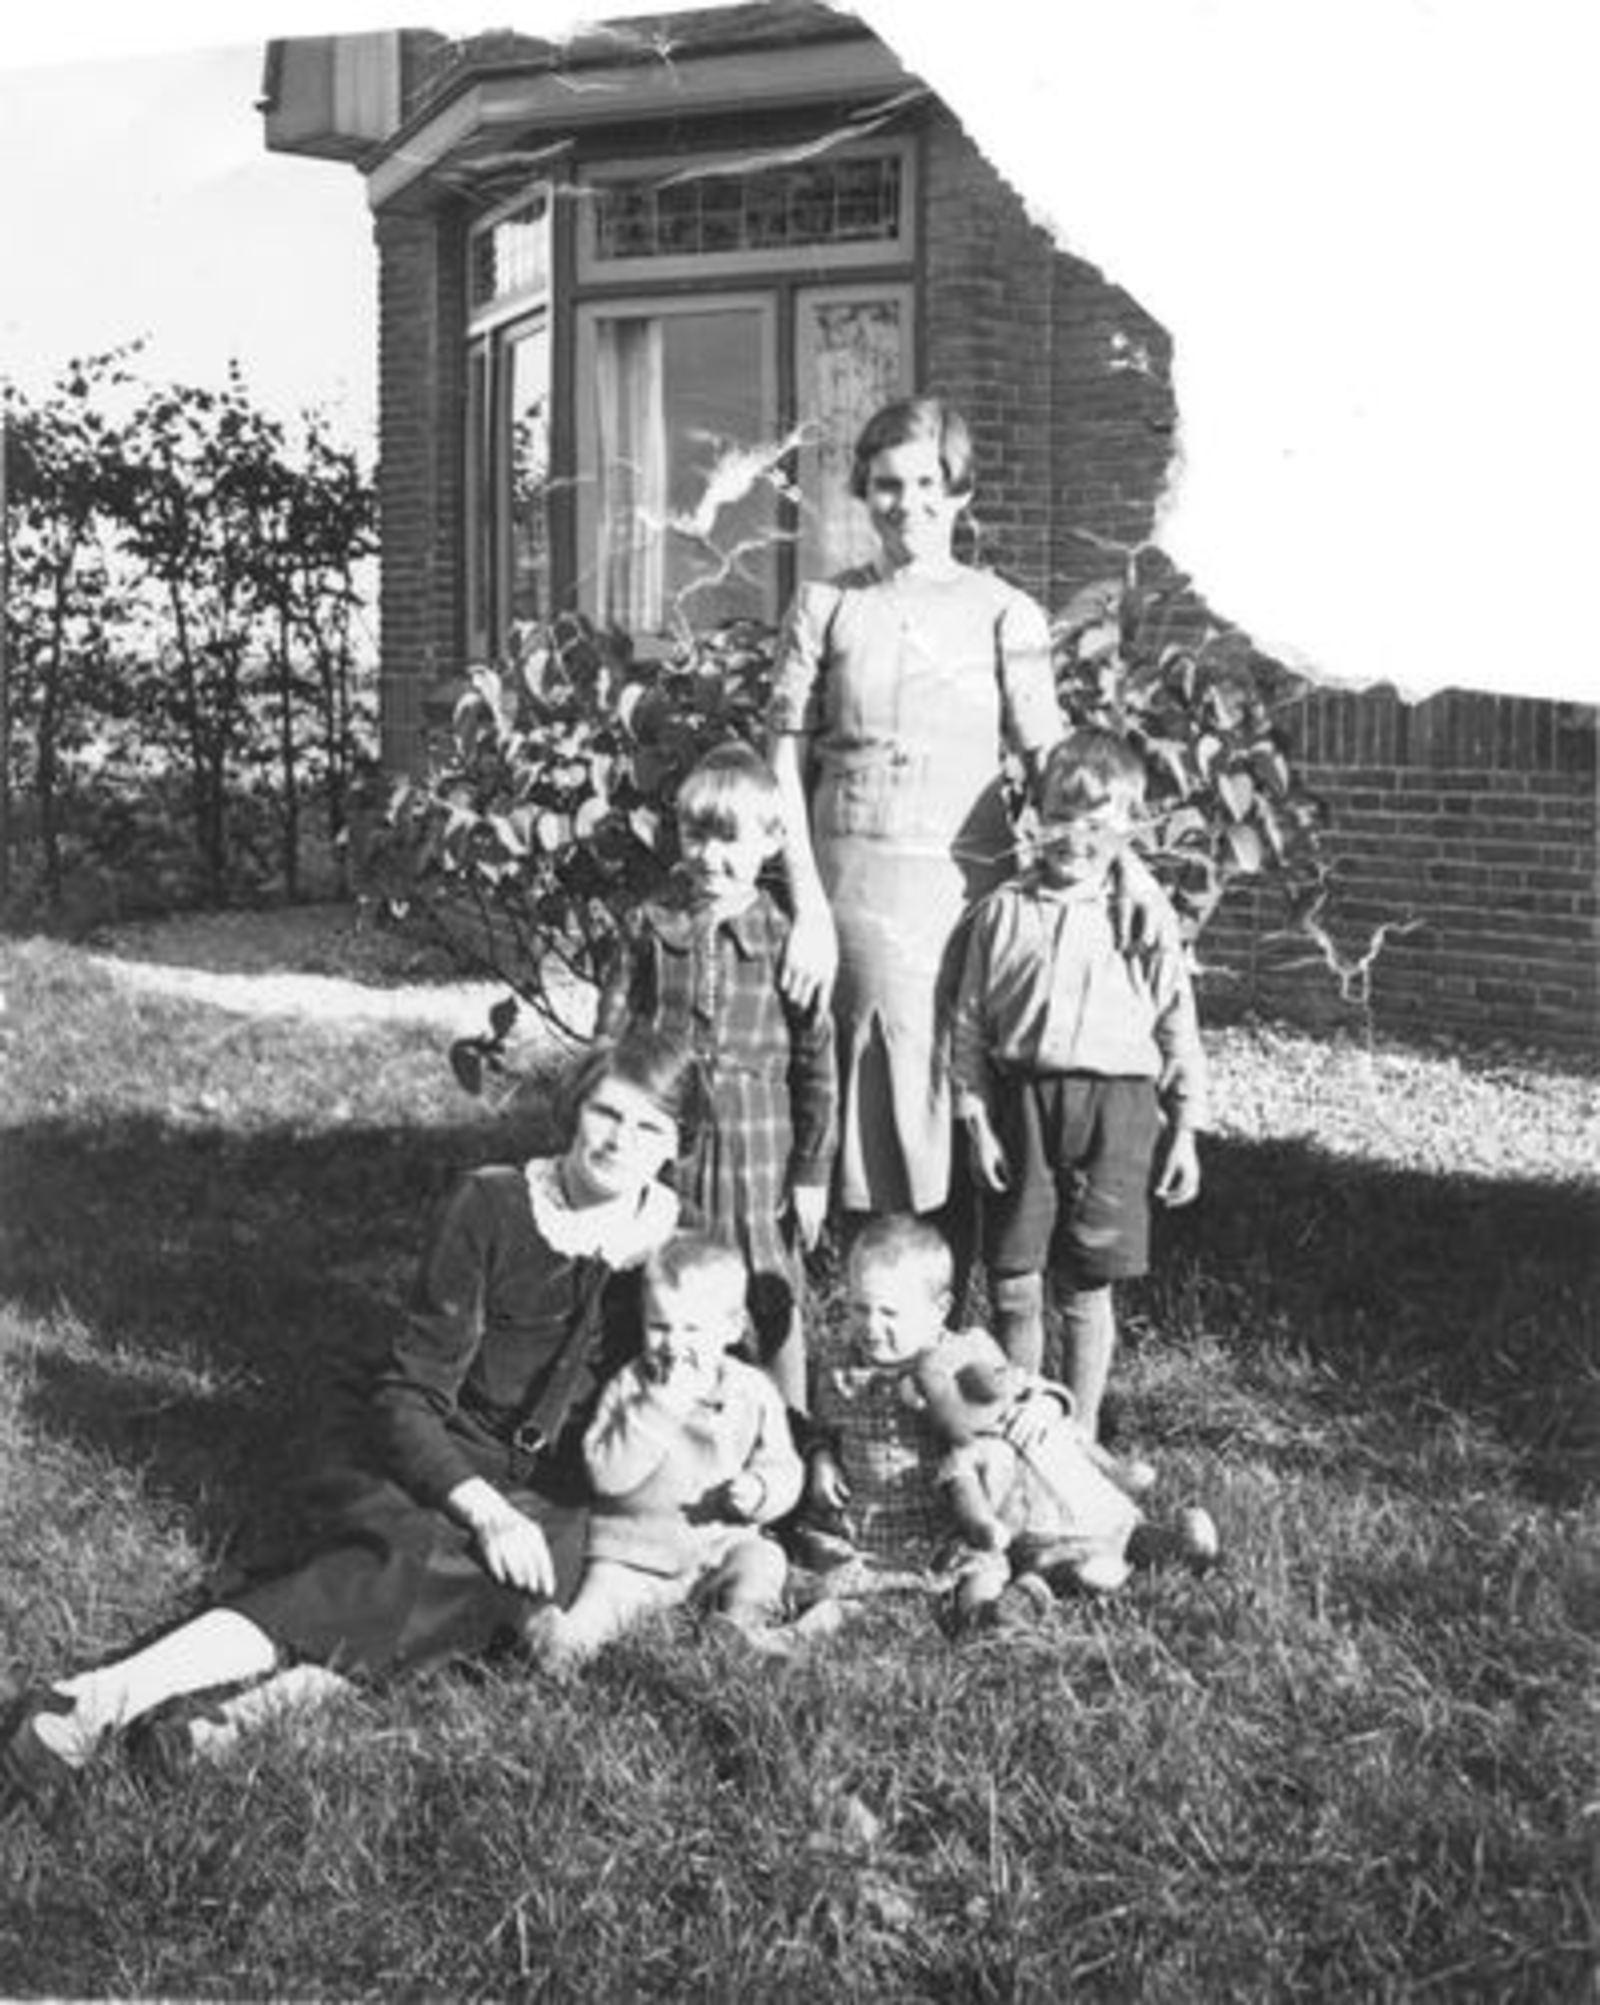 Koeckhoven Therus Janzn 1899 19__ Kinderen voor IJweg 820